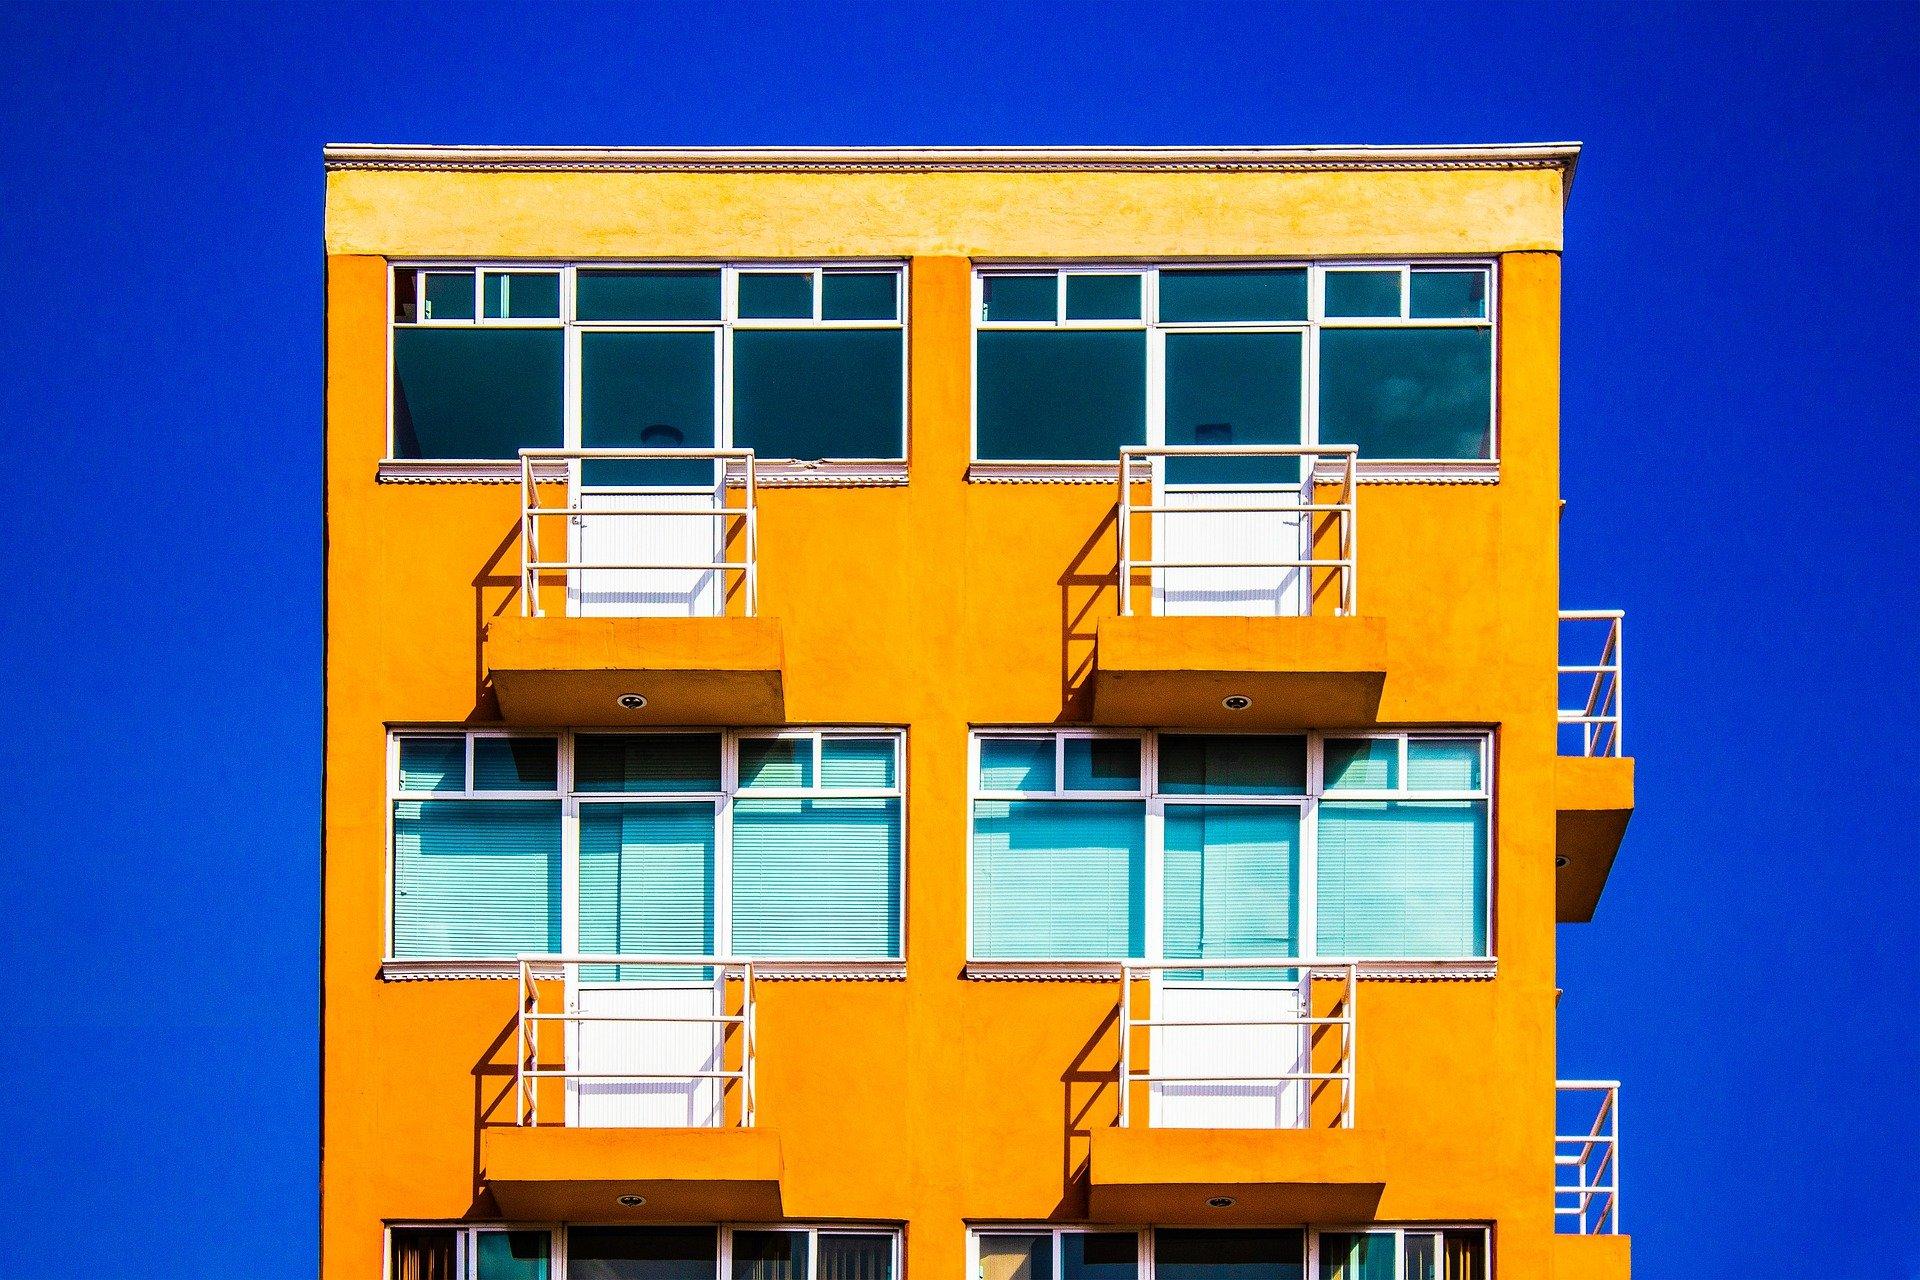 jak-latwo-sprzedac-mieszkanie-2020